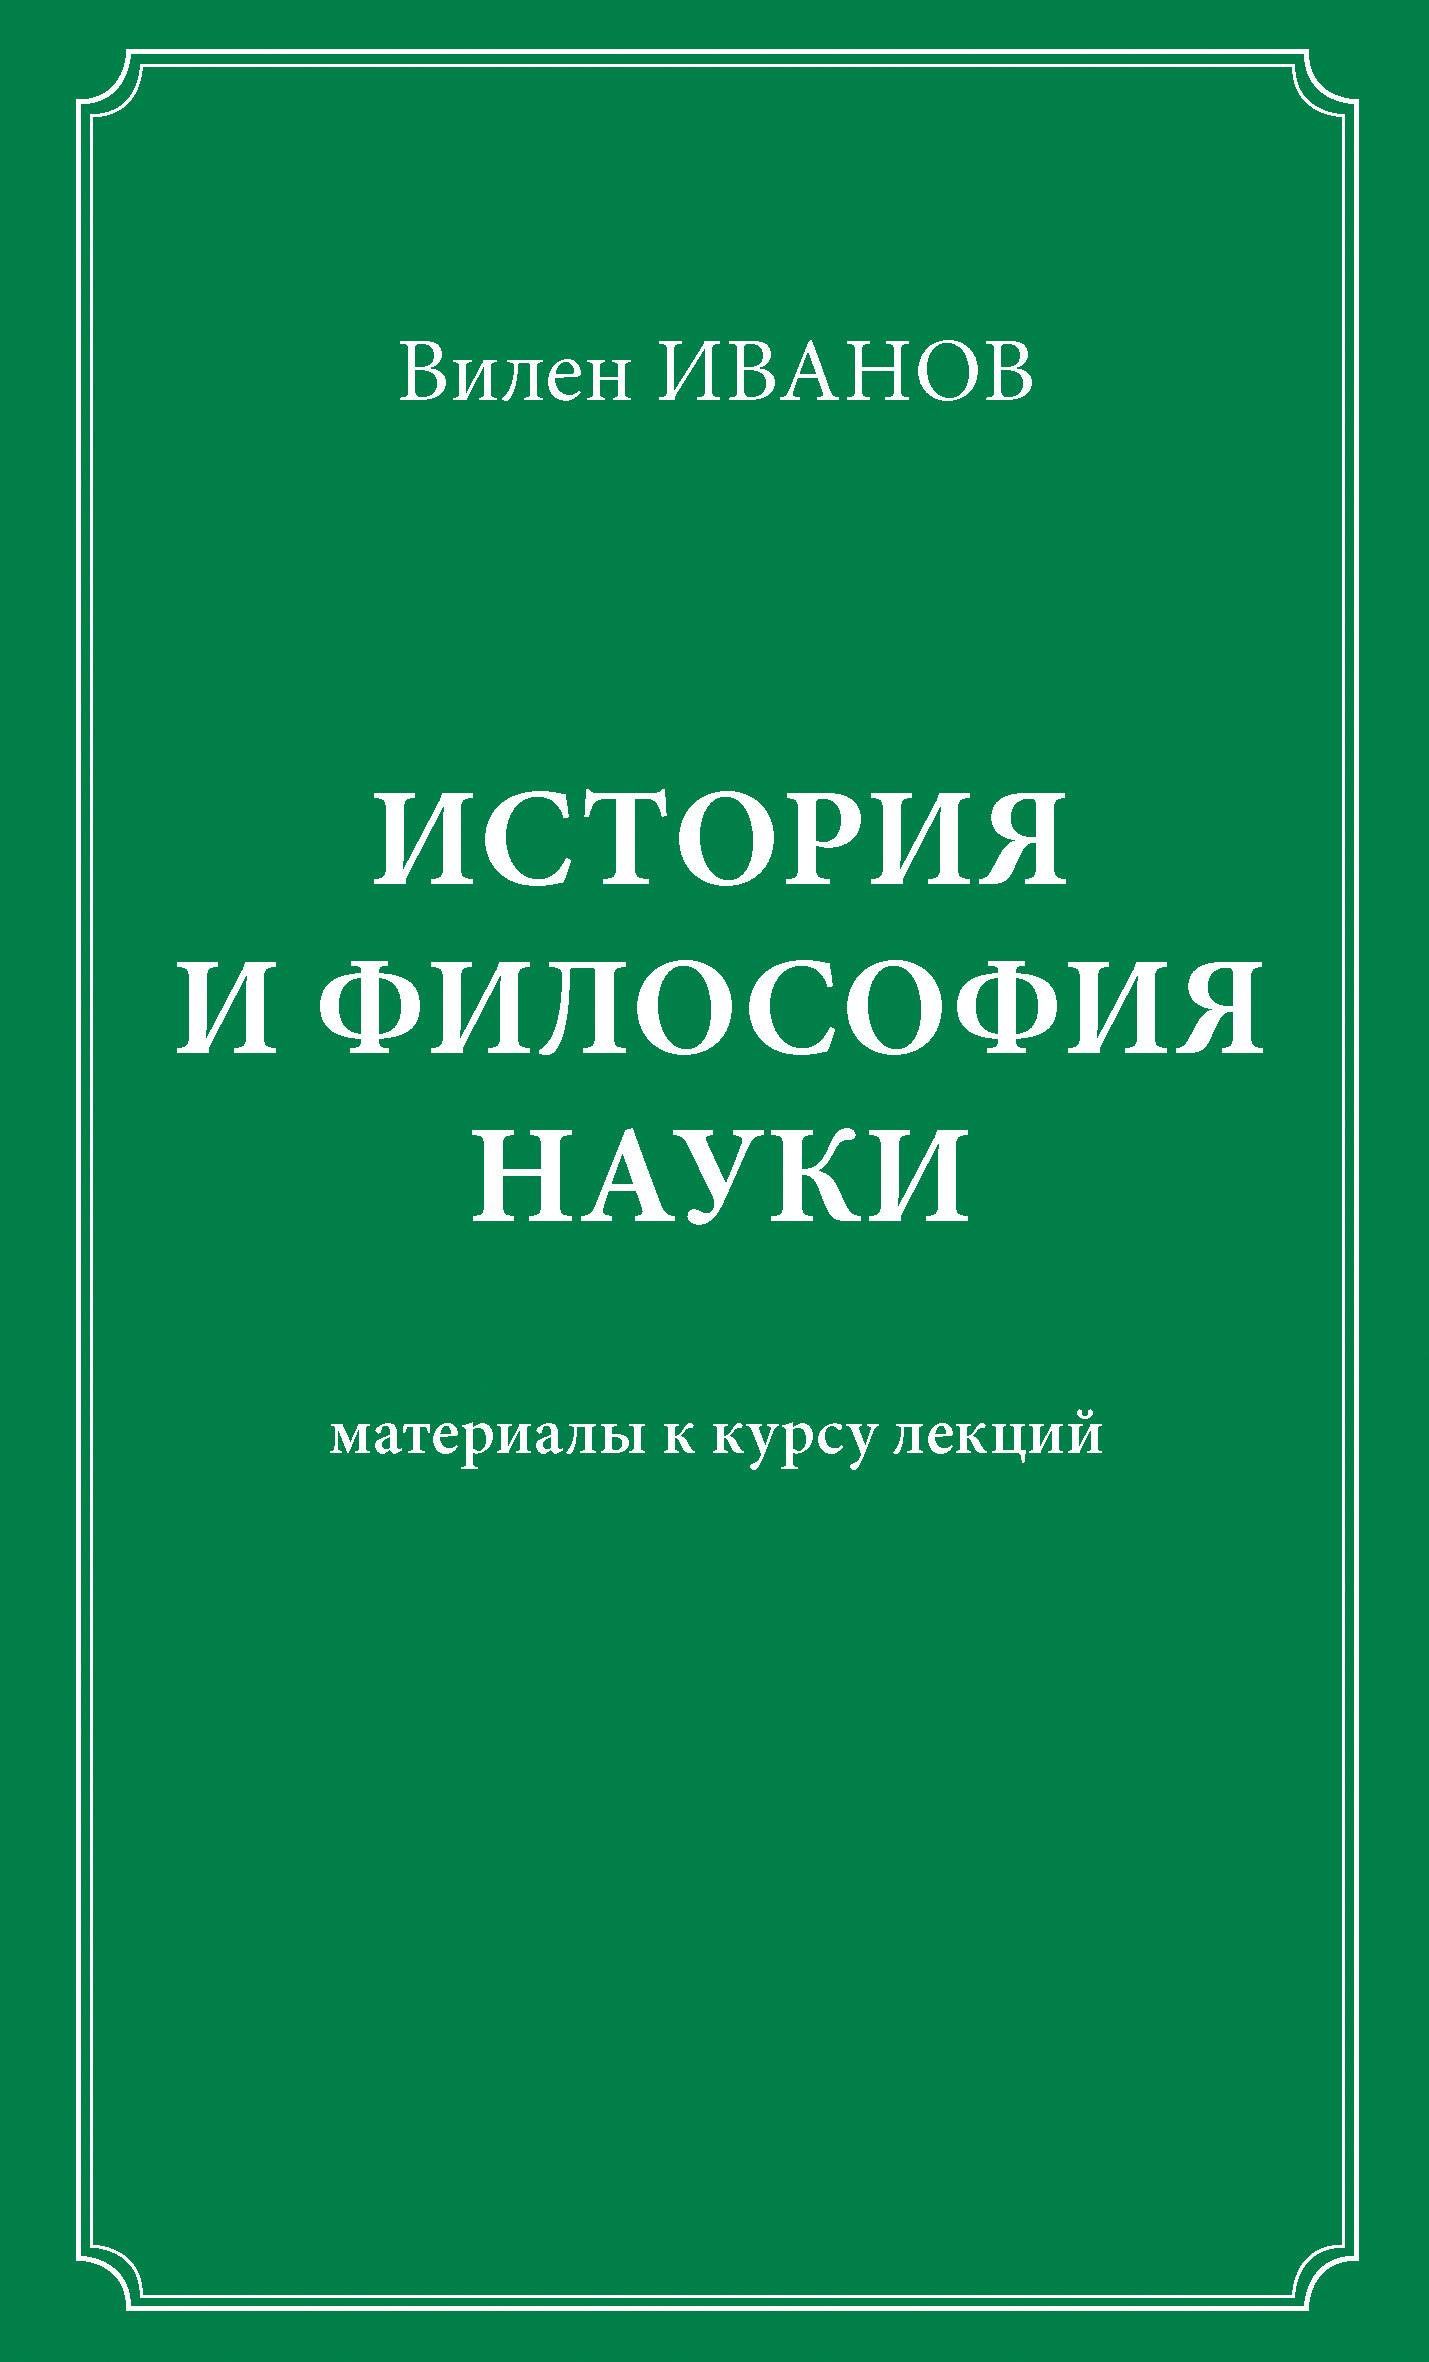 Вилен Иванов - История и философия науки. Материалы к курсу лекций